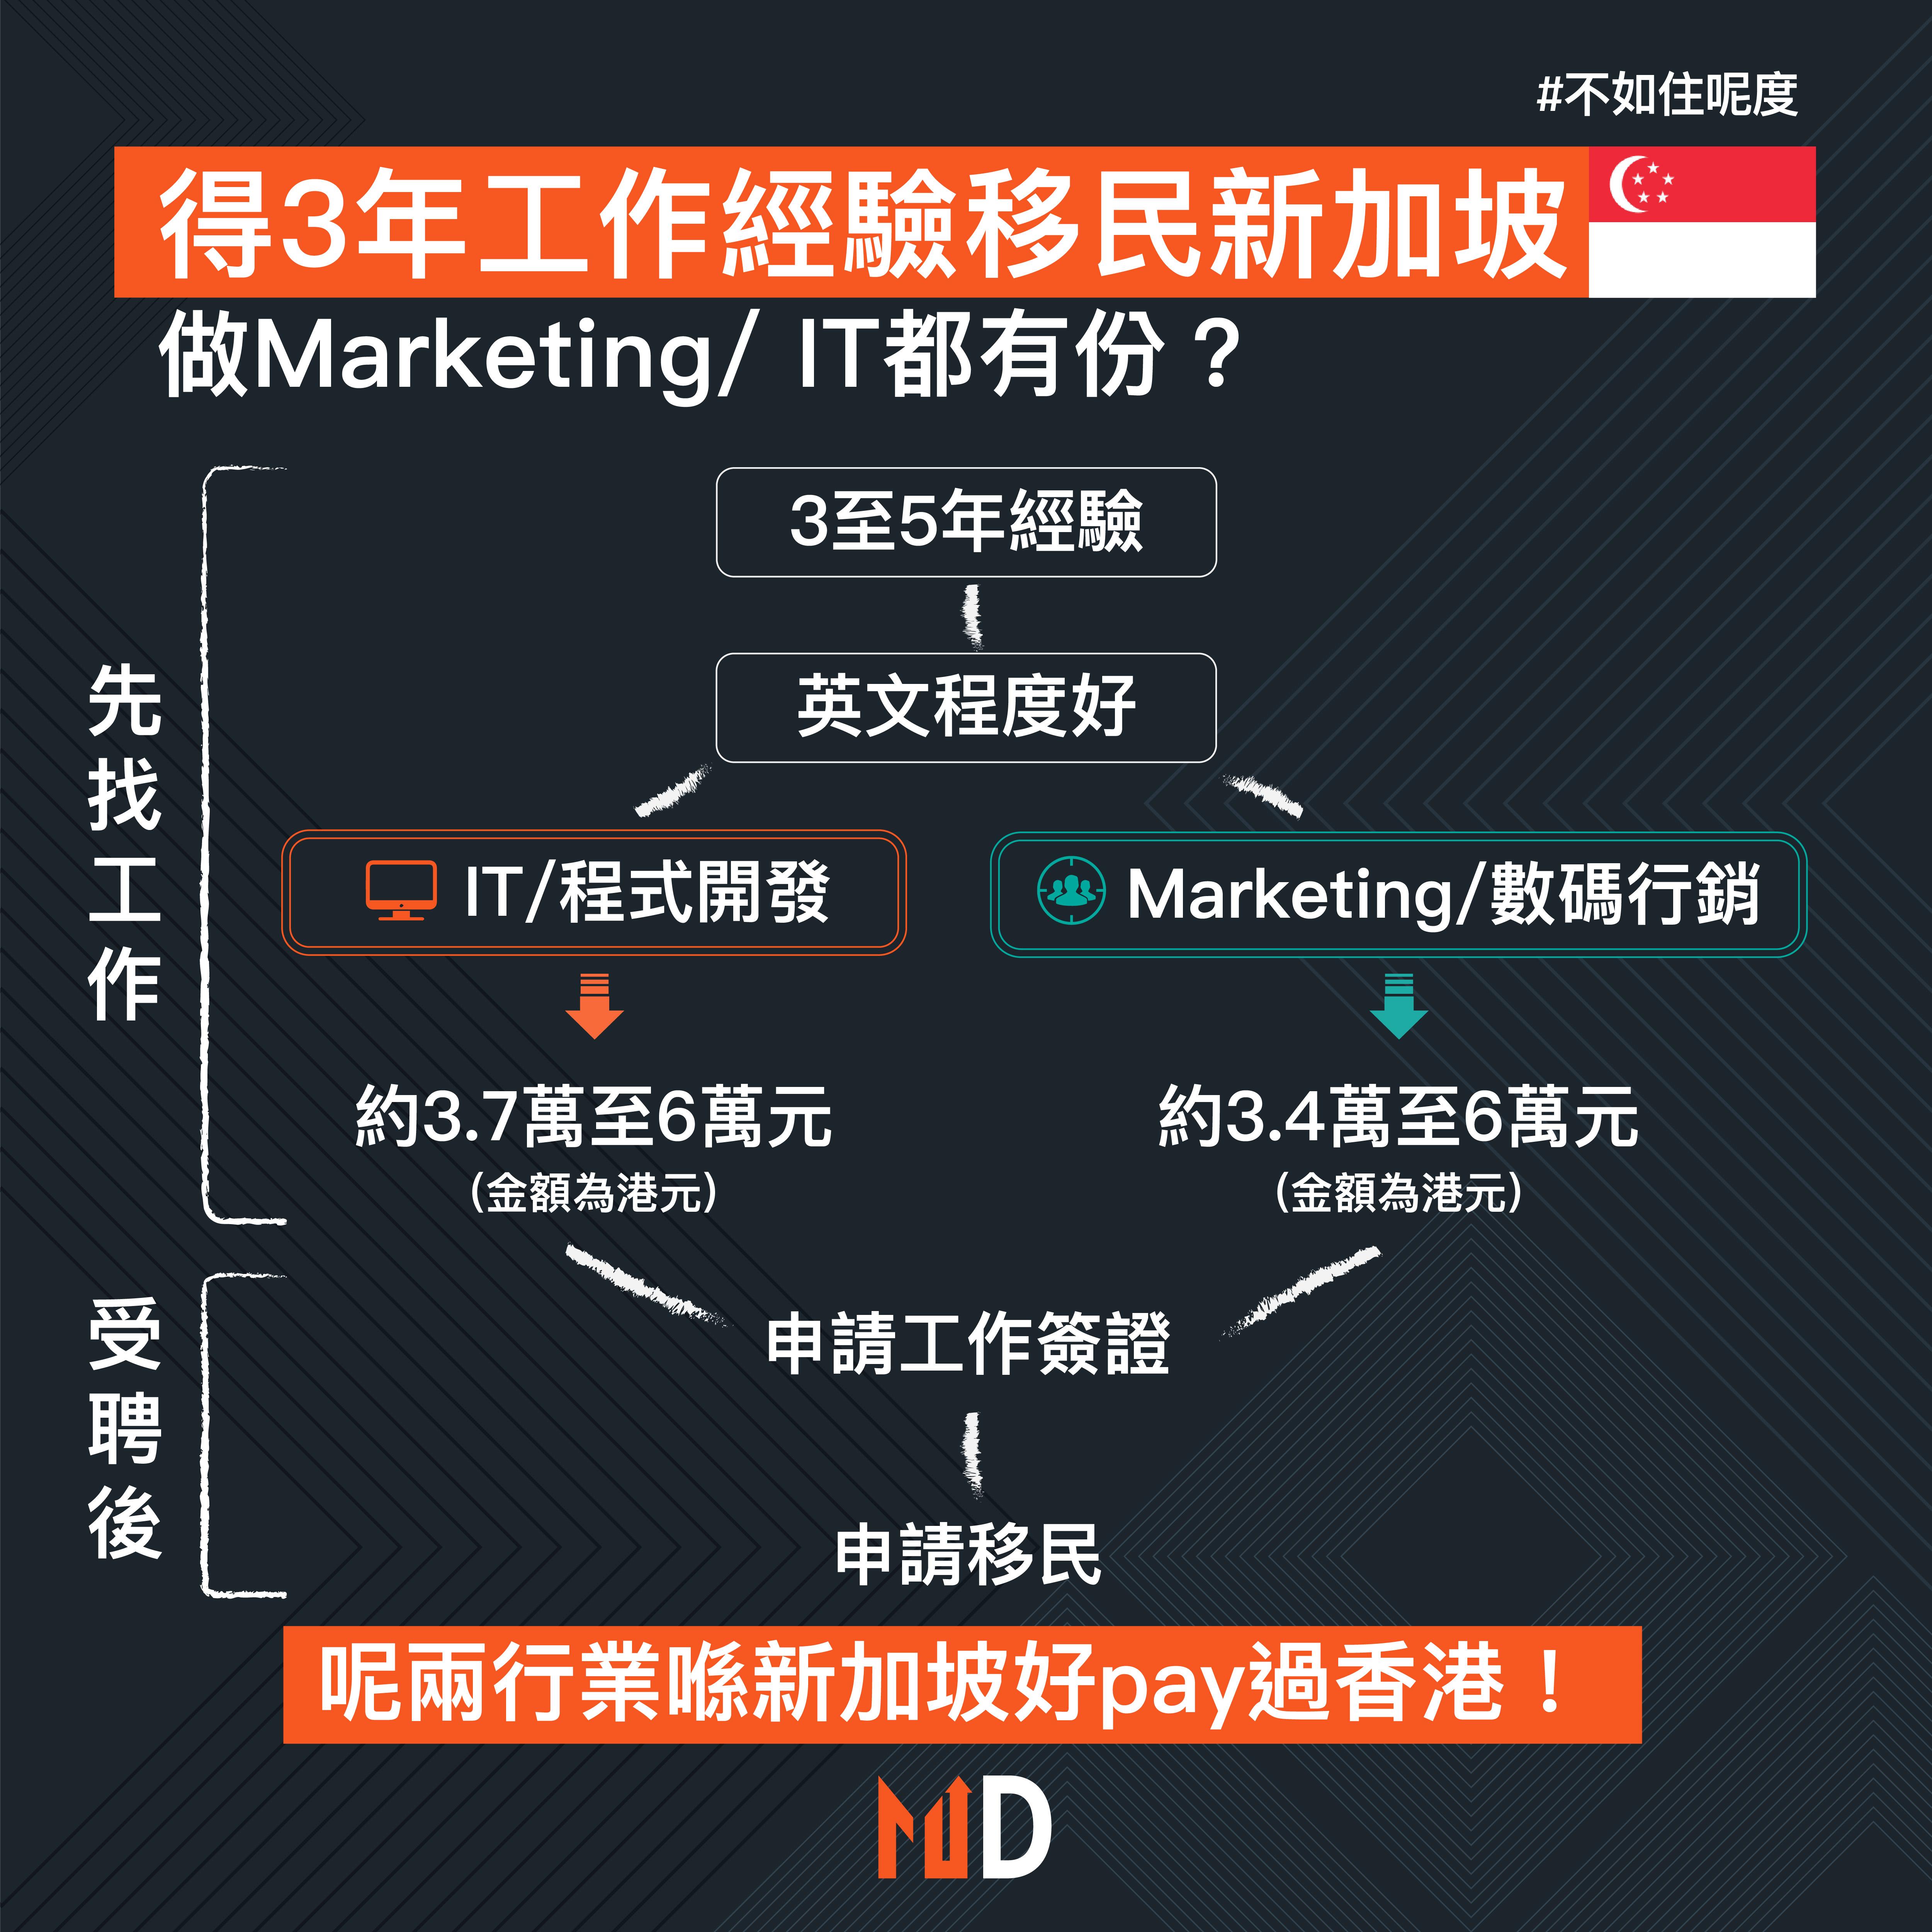 【其實唔難】得3年工作經驗移民新加坡 做Marketing/ IT都有份?